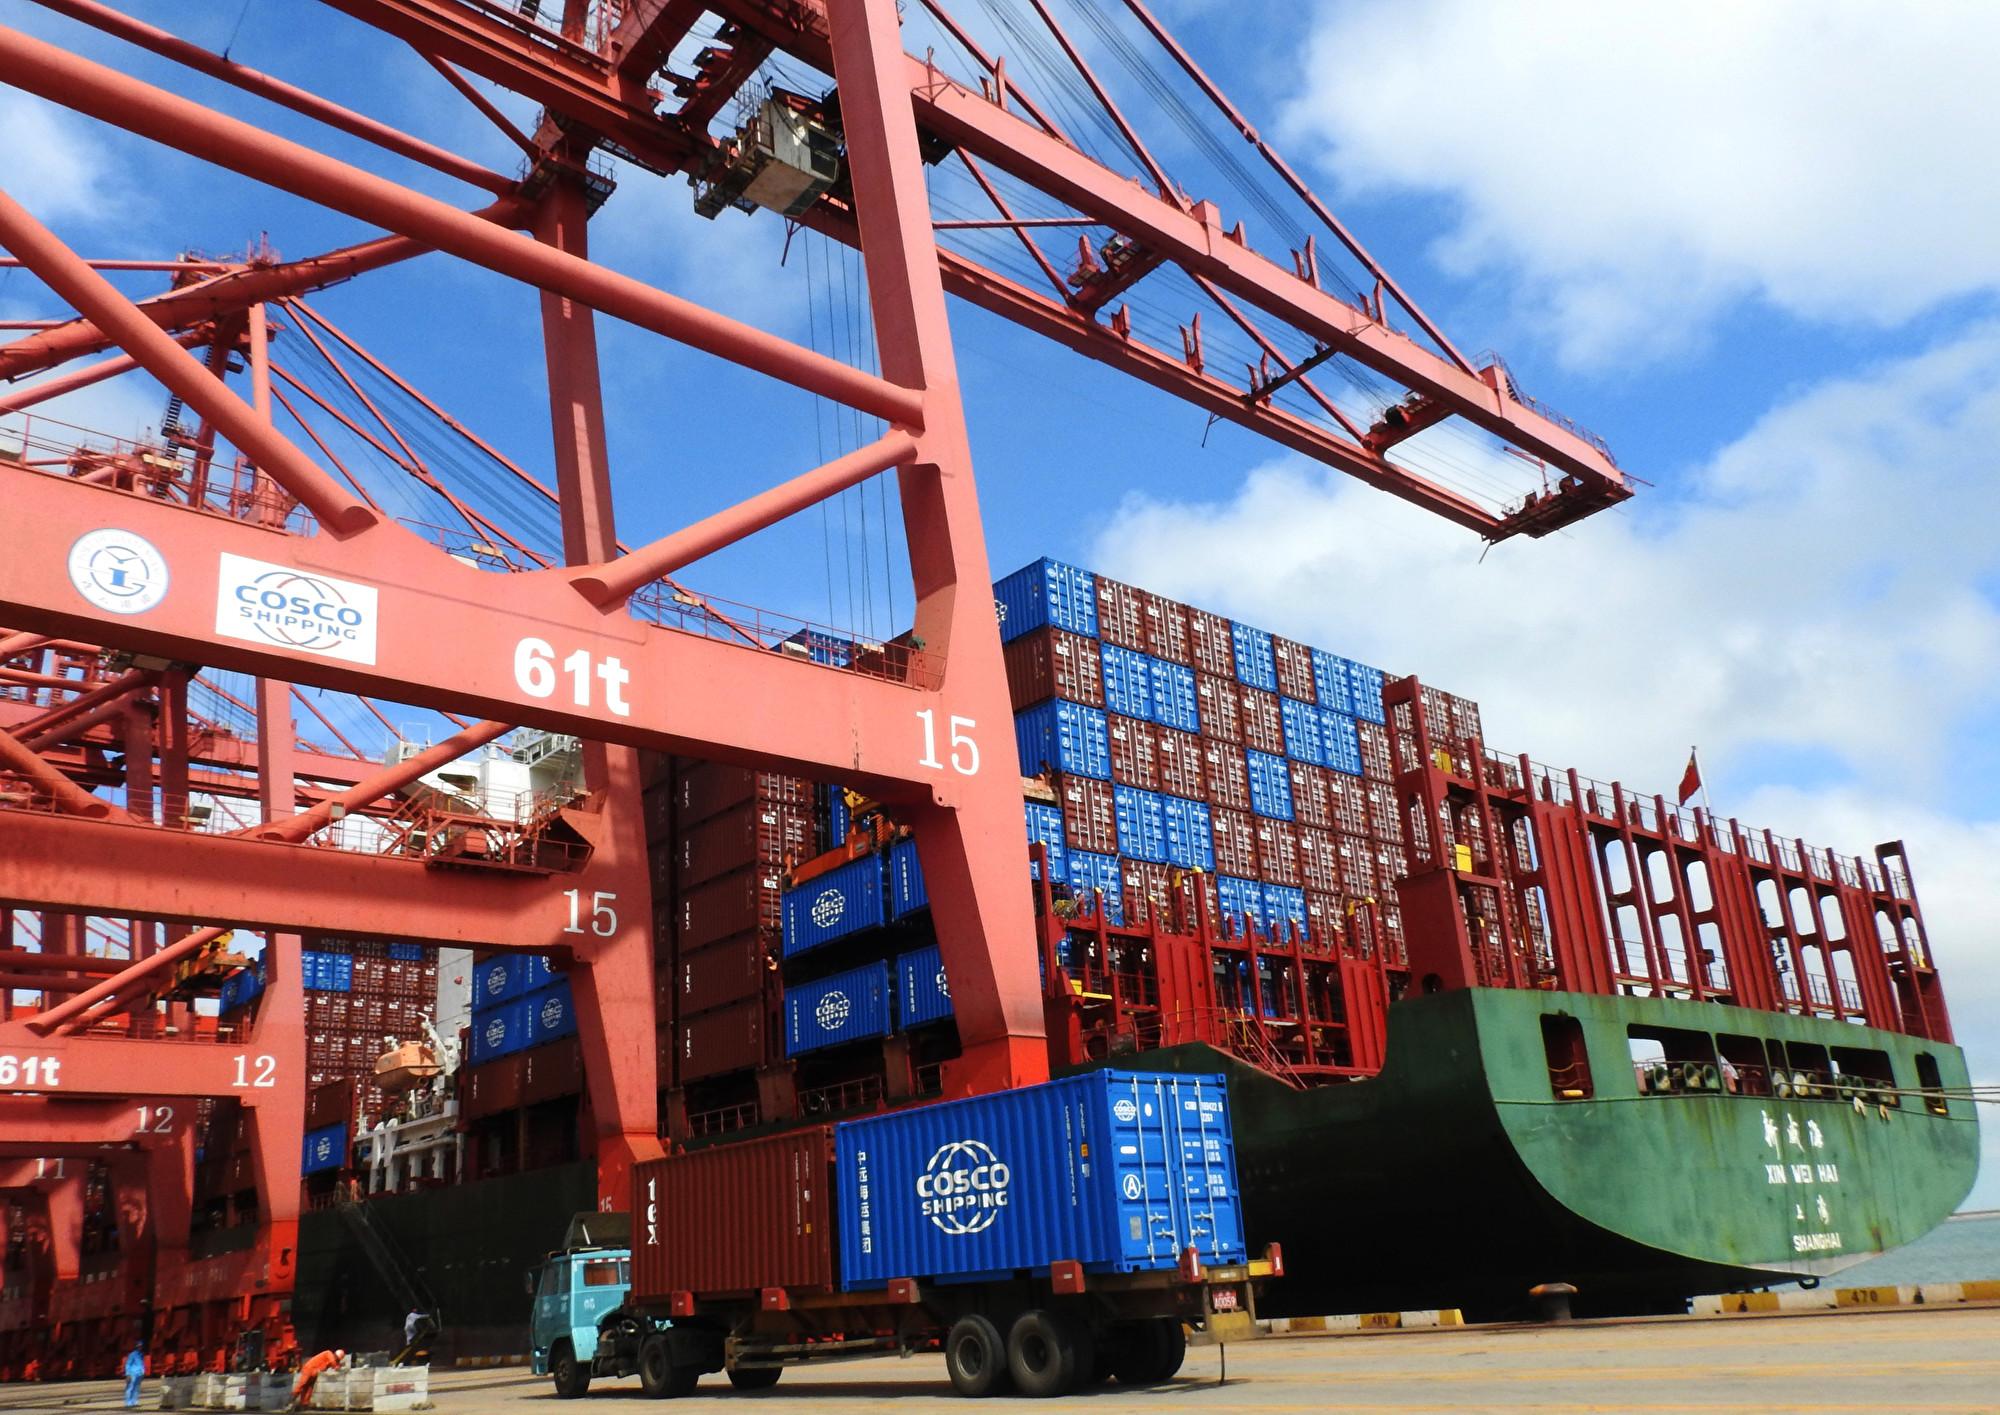 中美貿易戰持續已經對中國經濟發展產生負面影響, 6月份中國外貿數據走弱。圖為示意圖。(AFP)